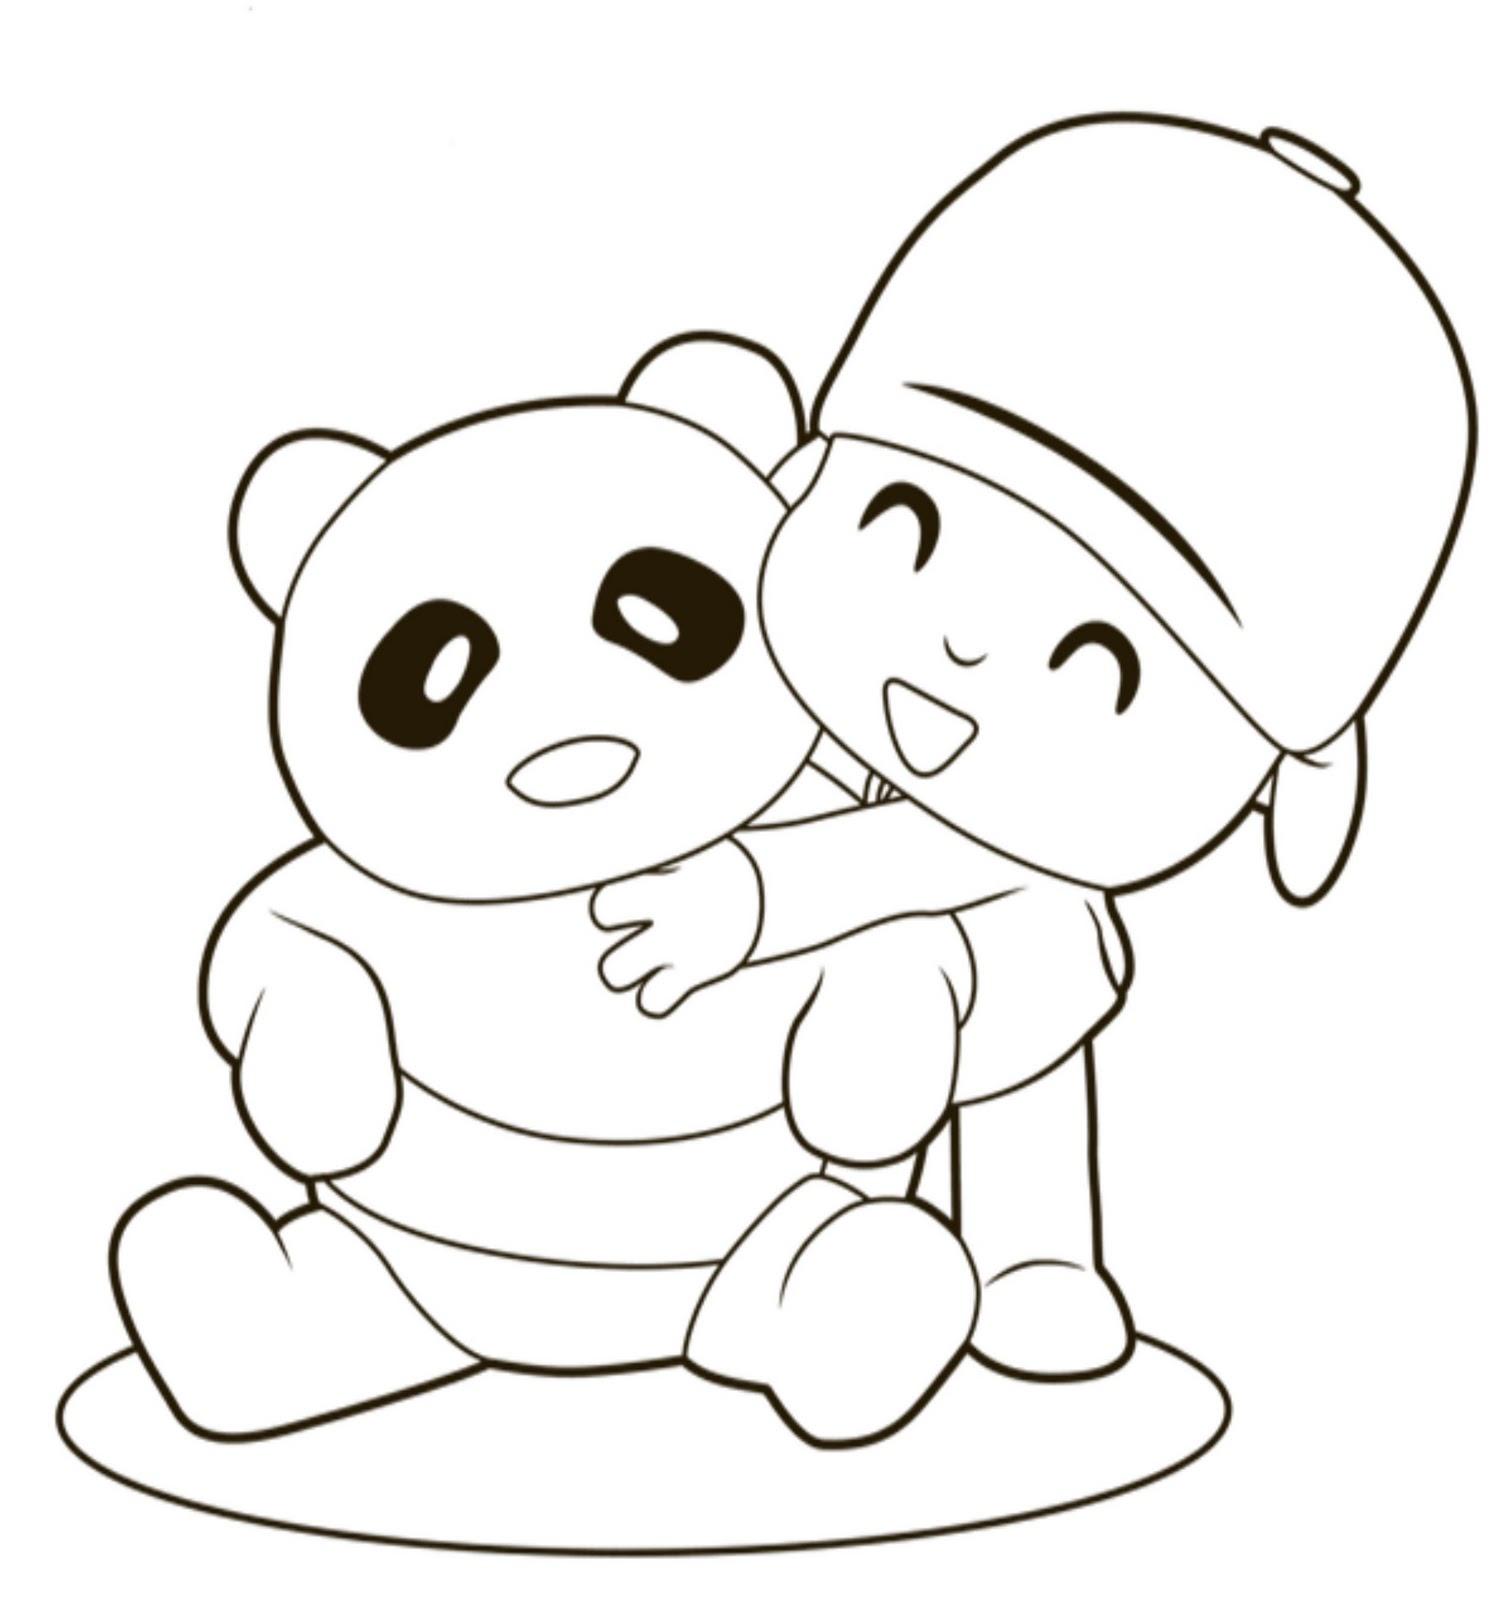 Pocoyo abrazando a su oso de peluche - Plantilla para dibujar , imprimir y pintar